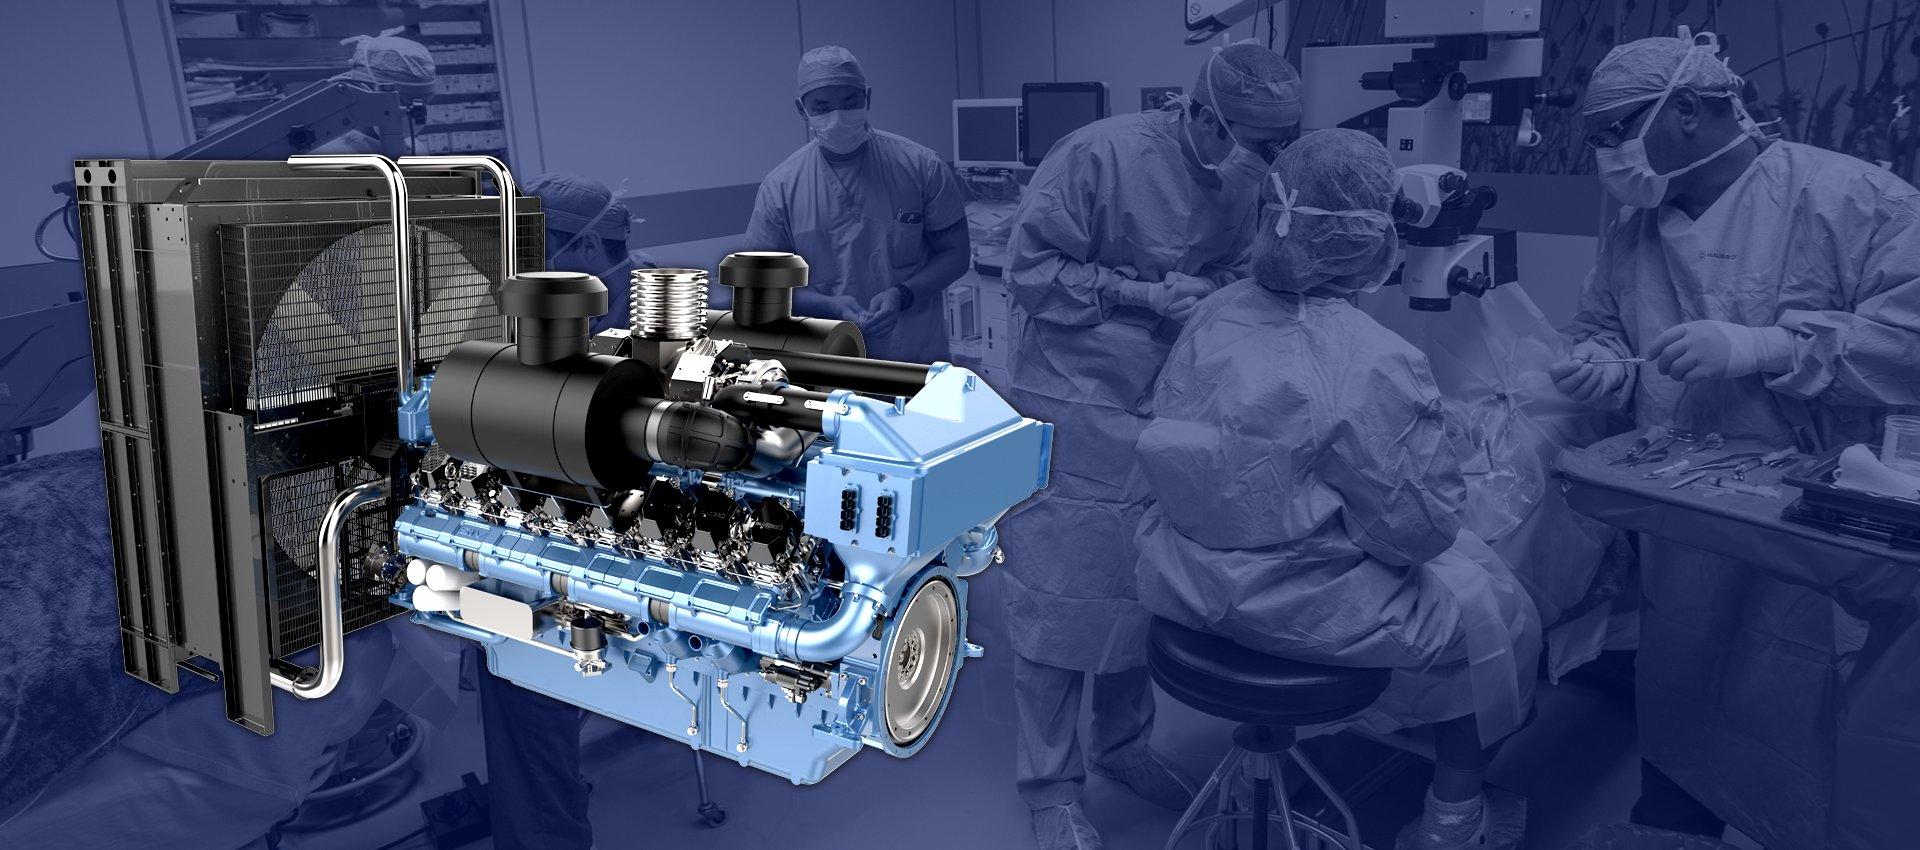 cabager-slidportada-confiables-motores-fabricados-en-union-europea